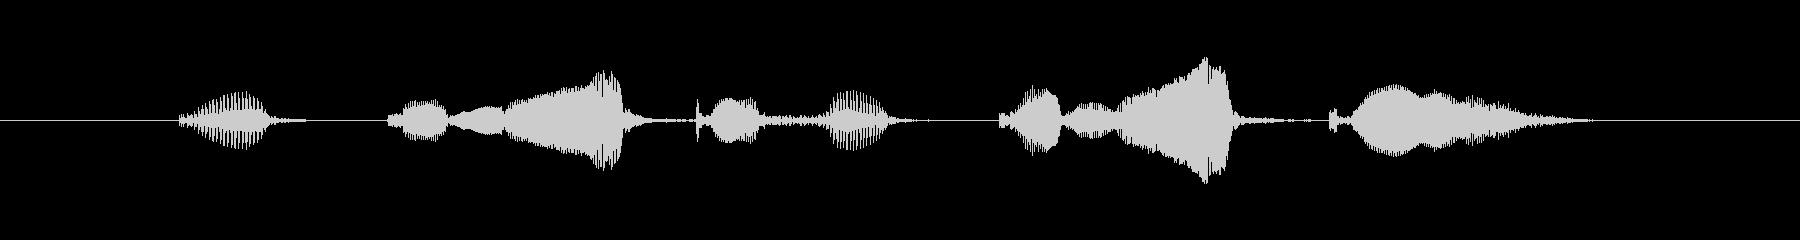 ブックマークブックマークの未再生の波形